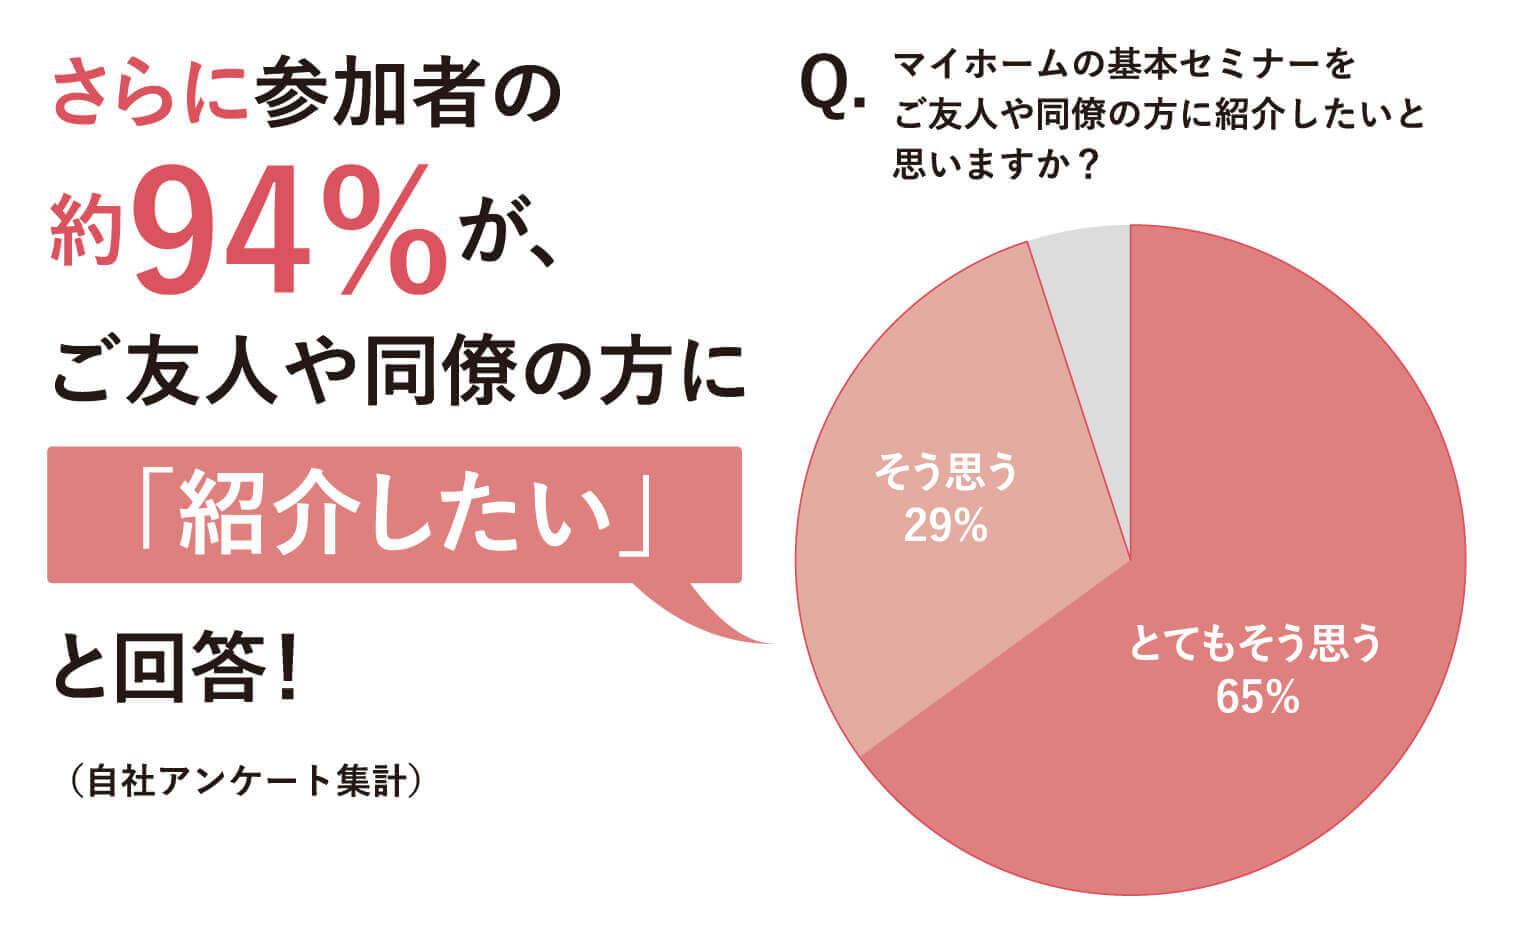 さらに参加者の約94%が、ご友人や同僚の方に「紹介したい」と回答!